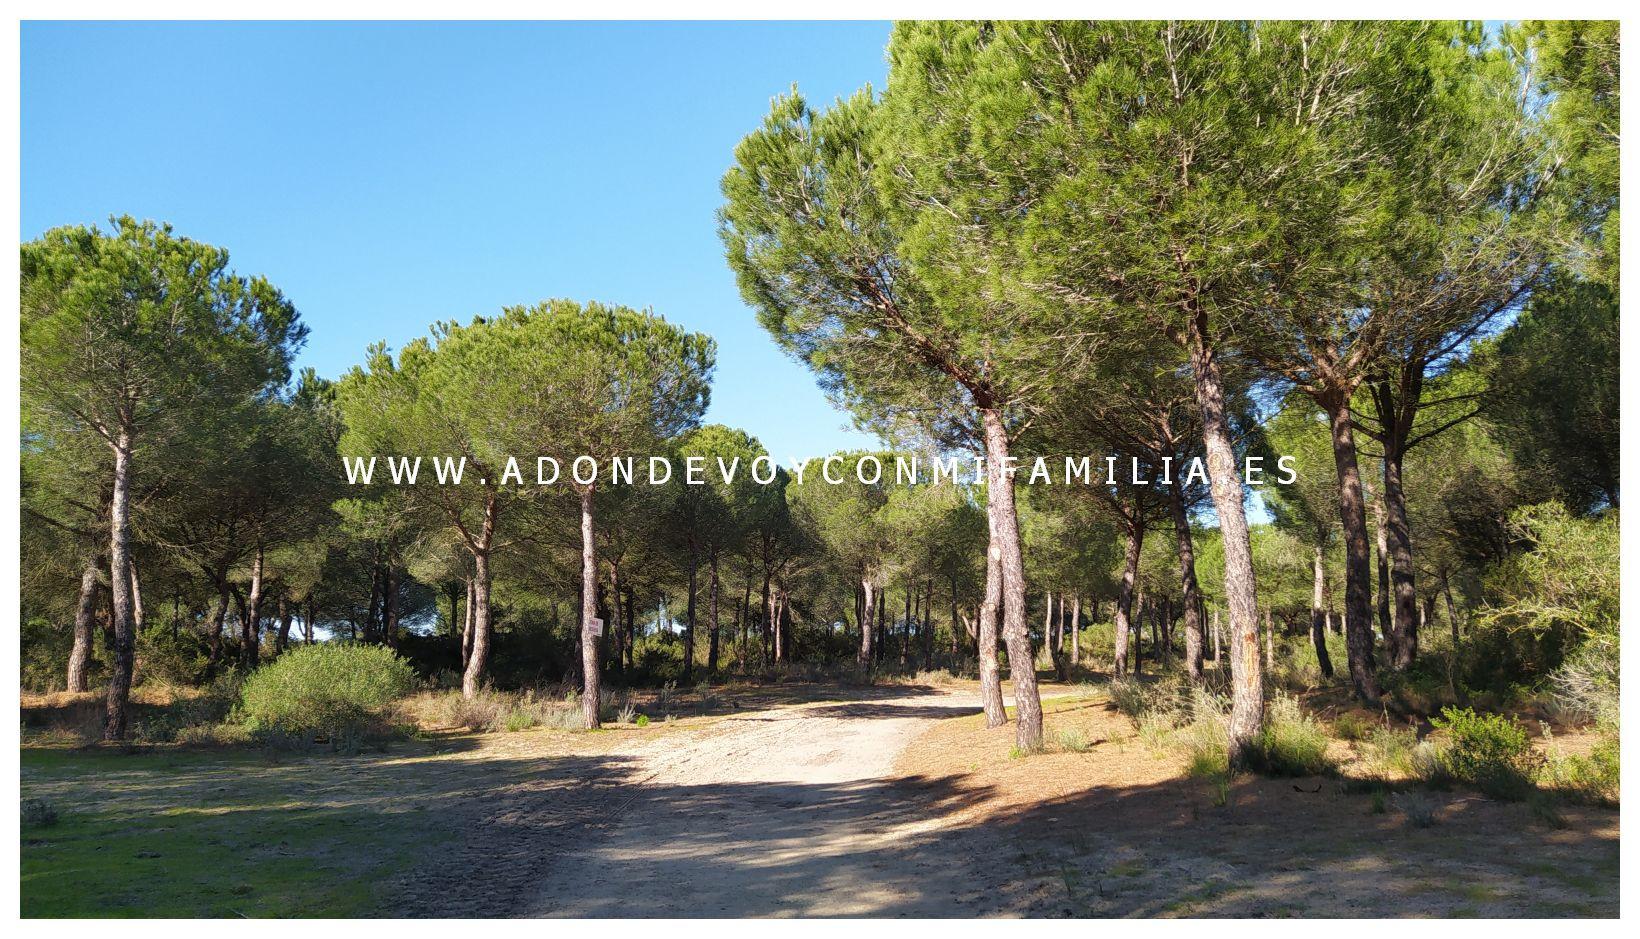 sendero-cerro-del-aguila-pinar-de-la-algaida-sanlucar-adondevoyconmifamilia-59